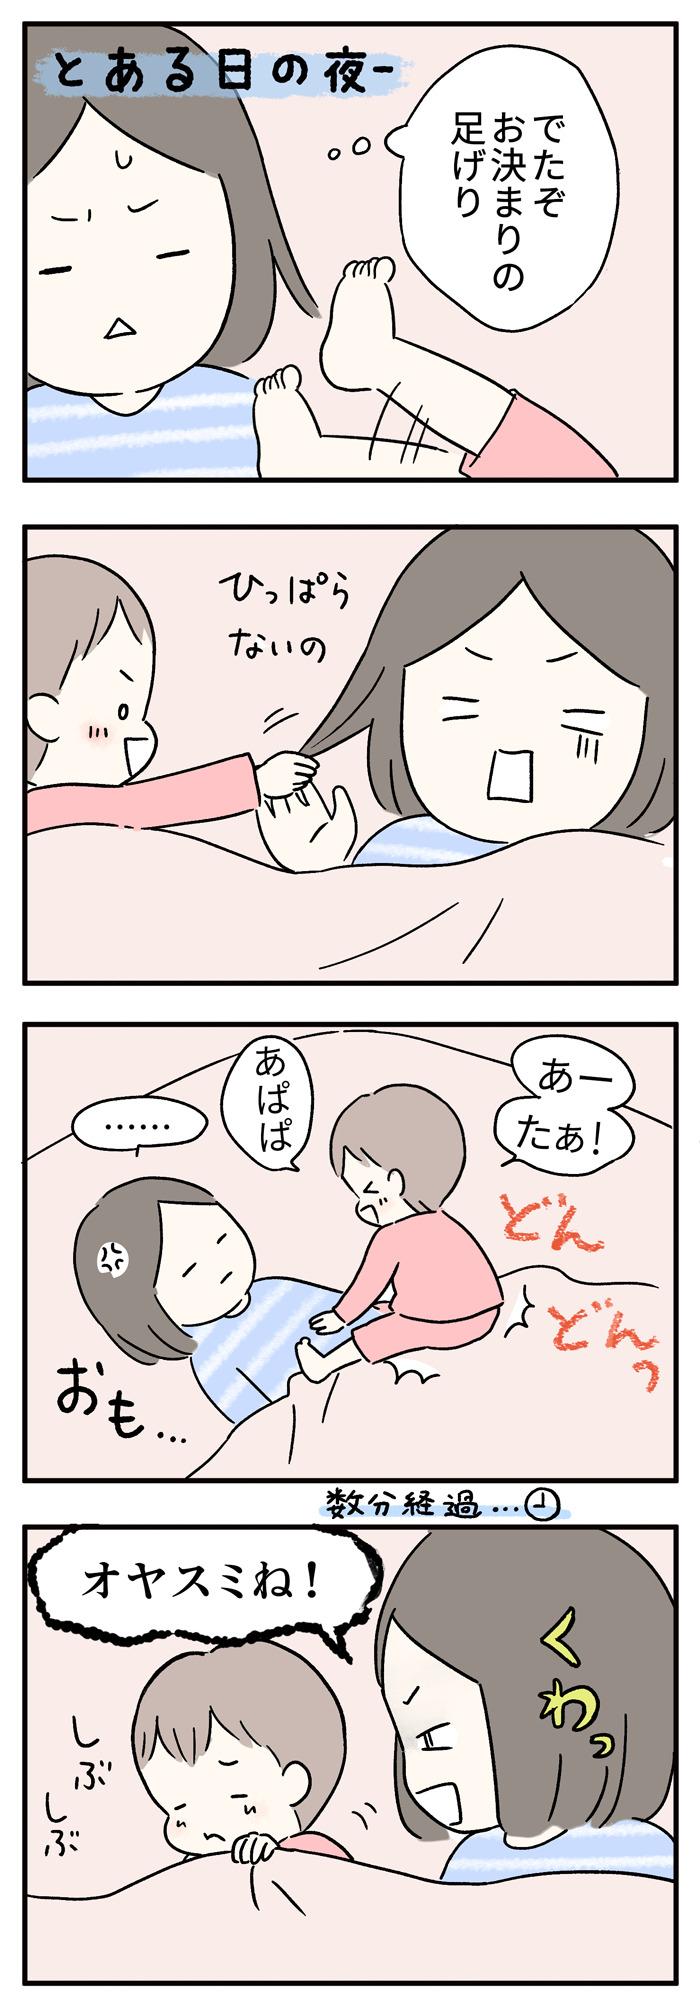 寝かしつけ大変な日